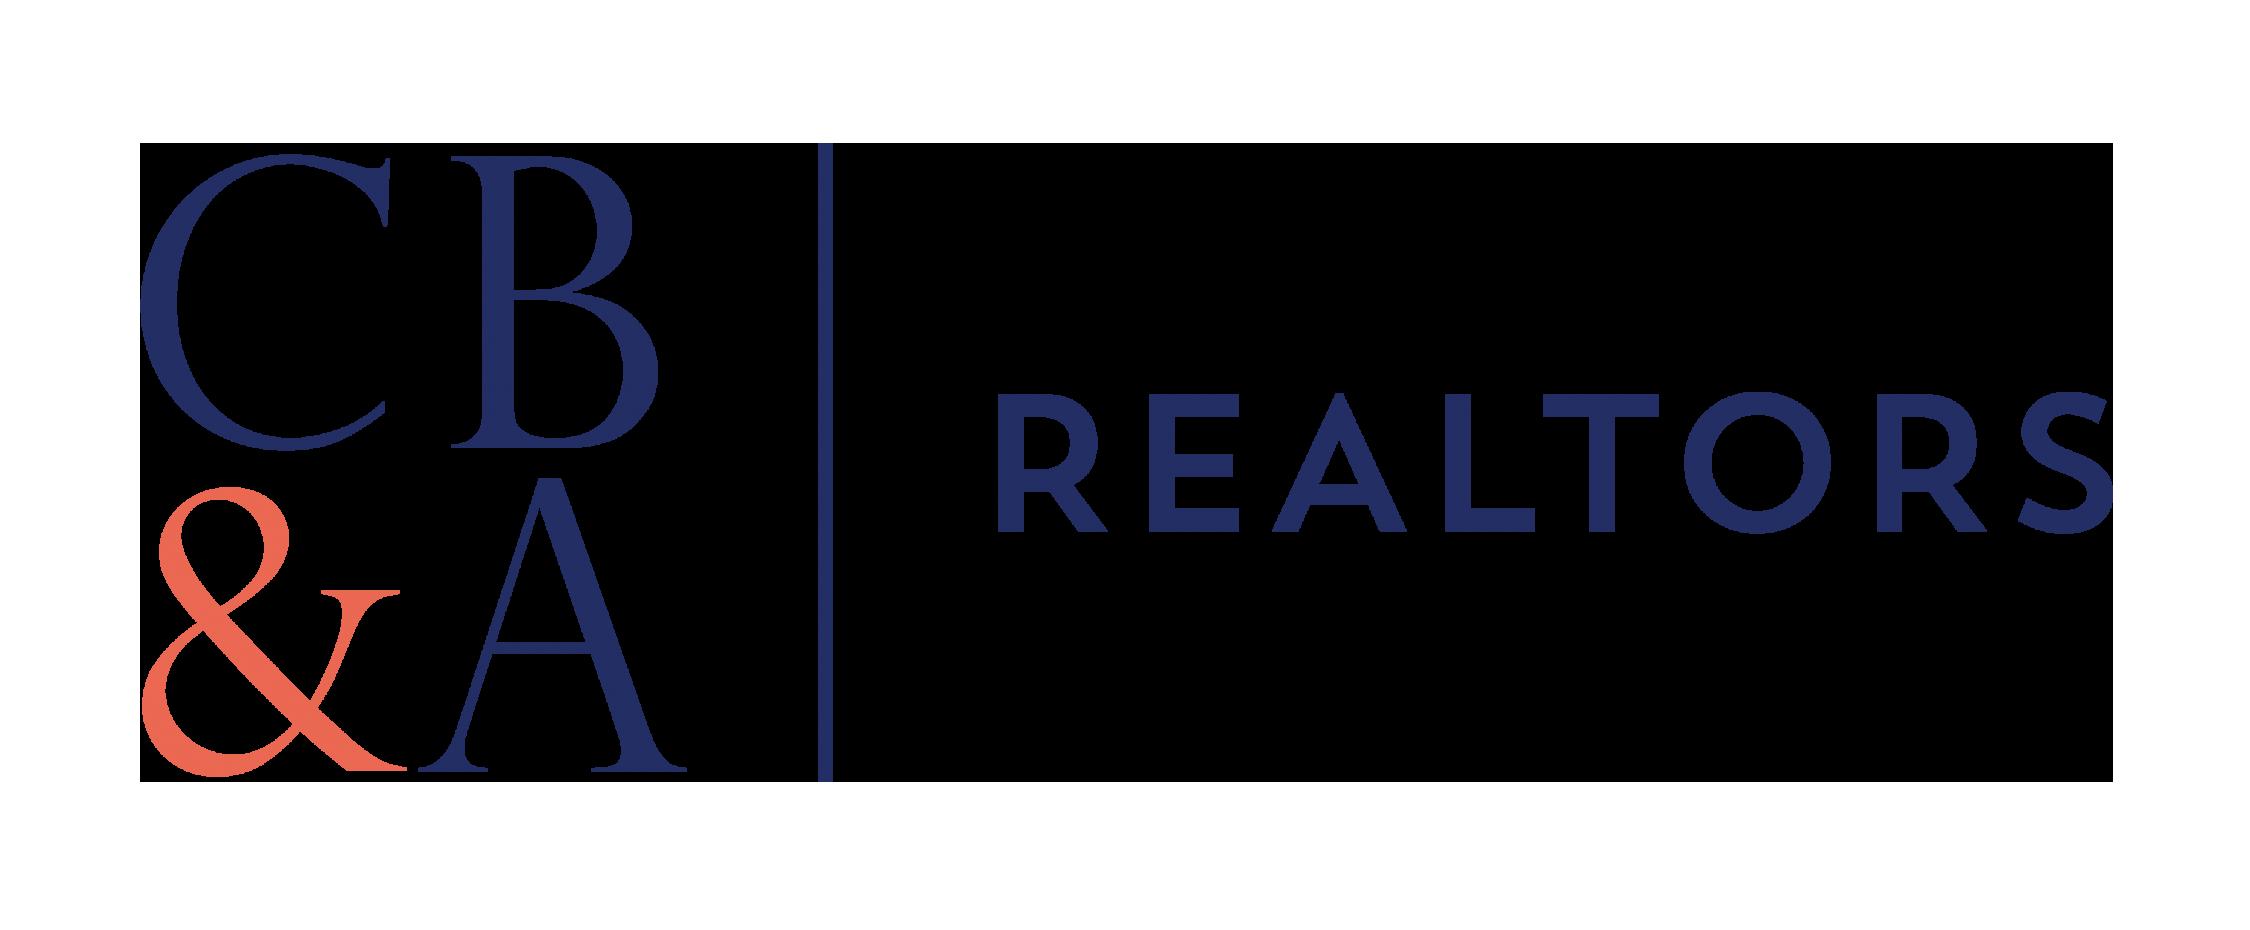 cb&a realtors logo